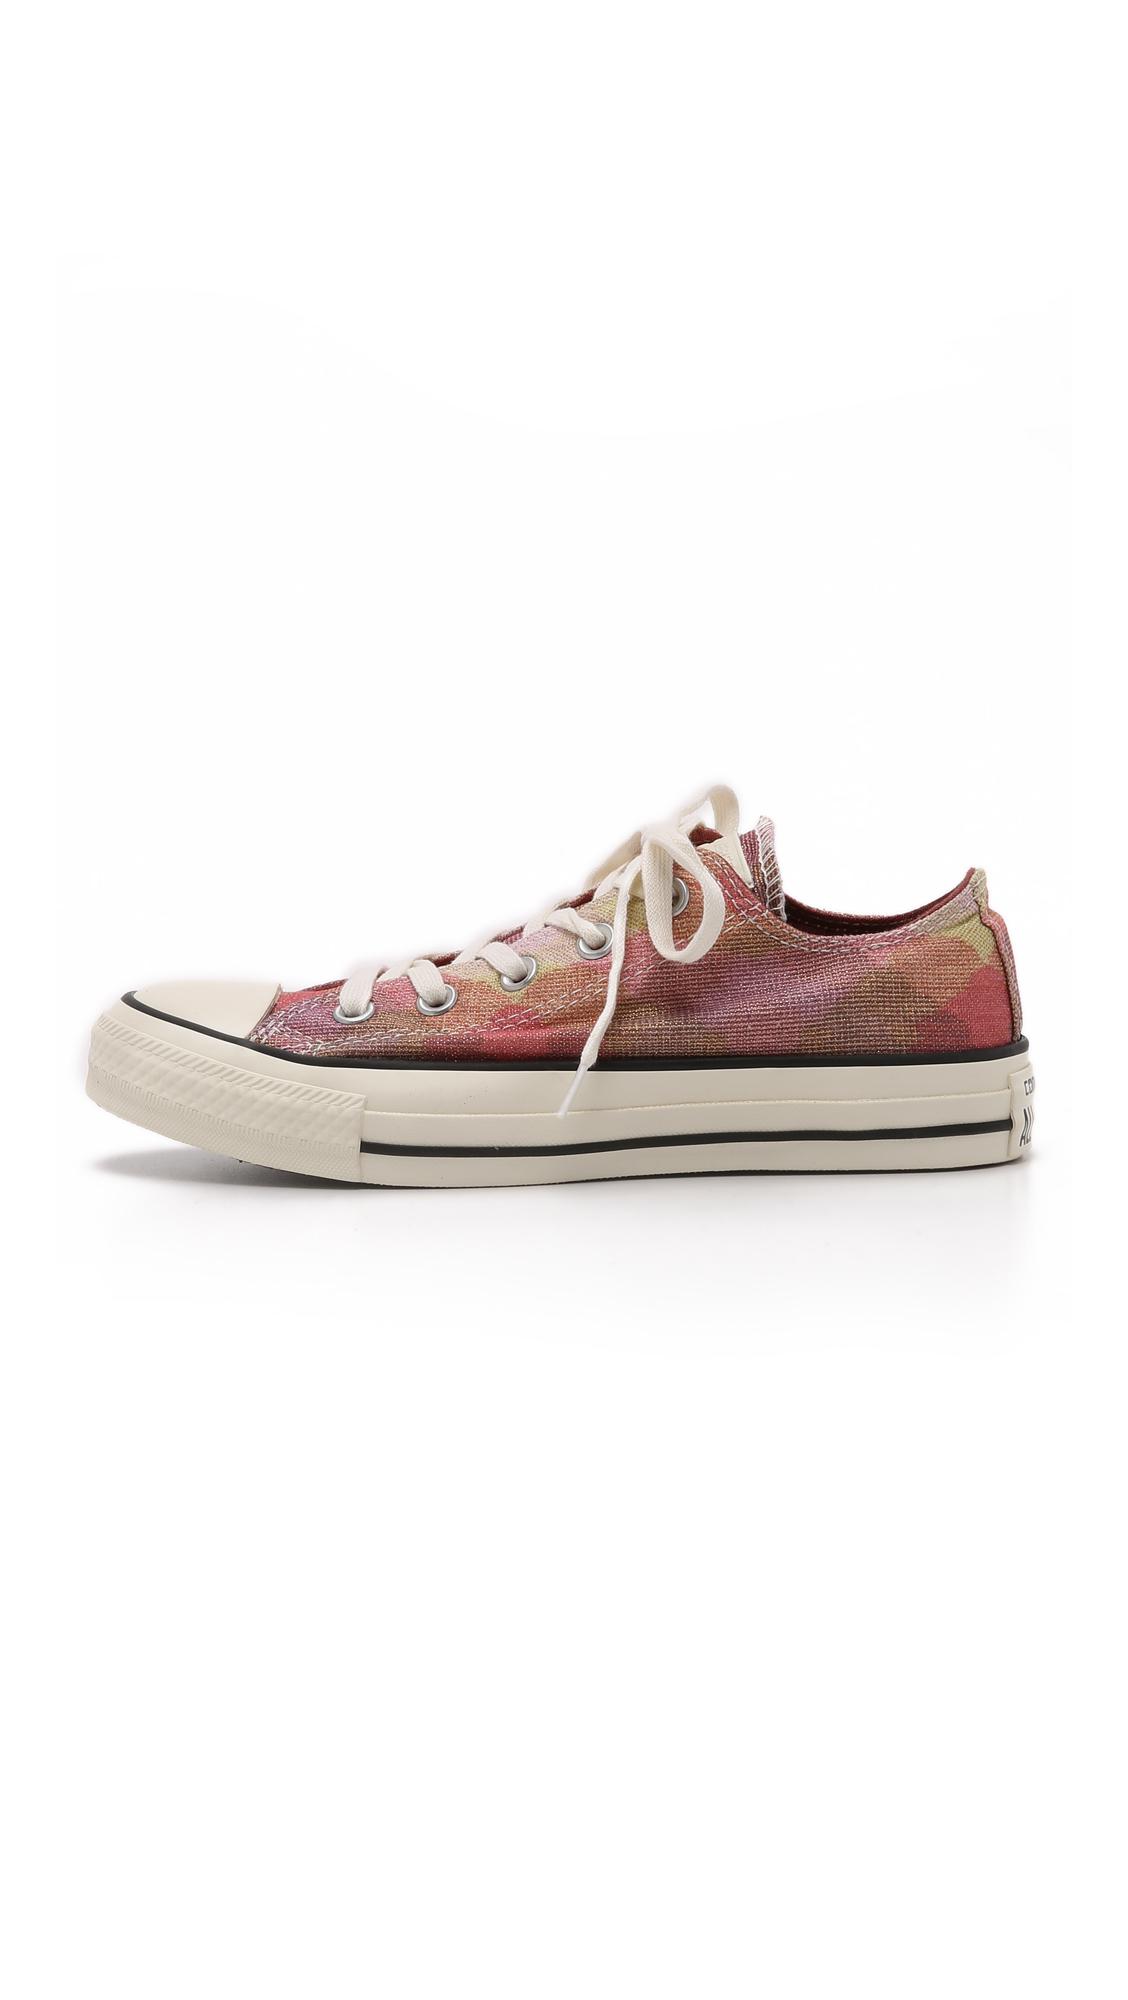 fb39ff94854 Converse Chuck Taylor All Star Missoni Ox Sneakers - Pink/auburn ...